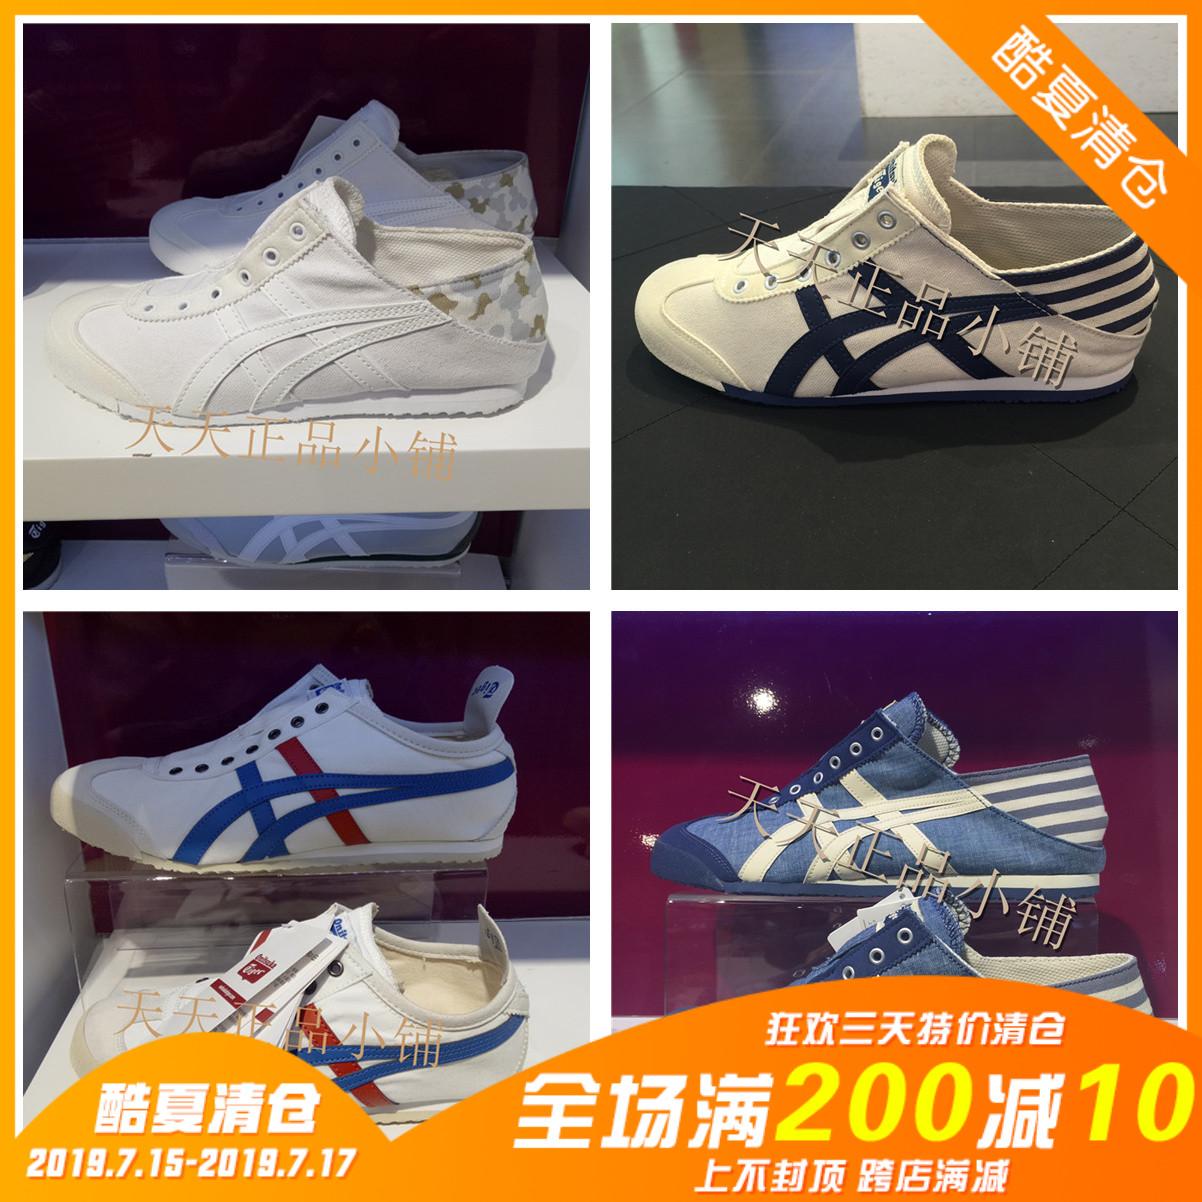 Tiger鬼虎D3K0N-0143一帆布女鞋鞋脚蹬男鞋TH342N-0250休闲鞋